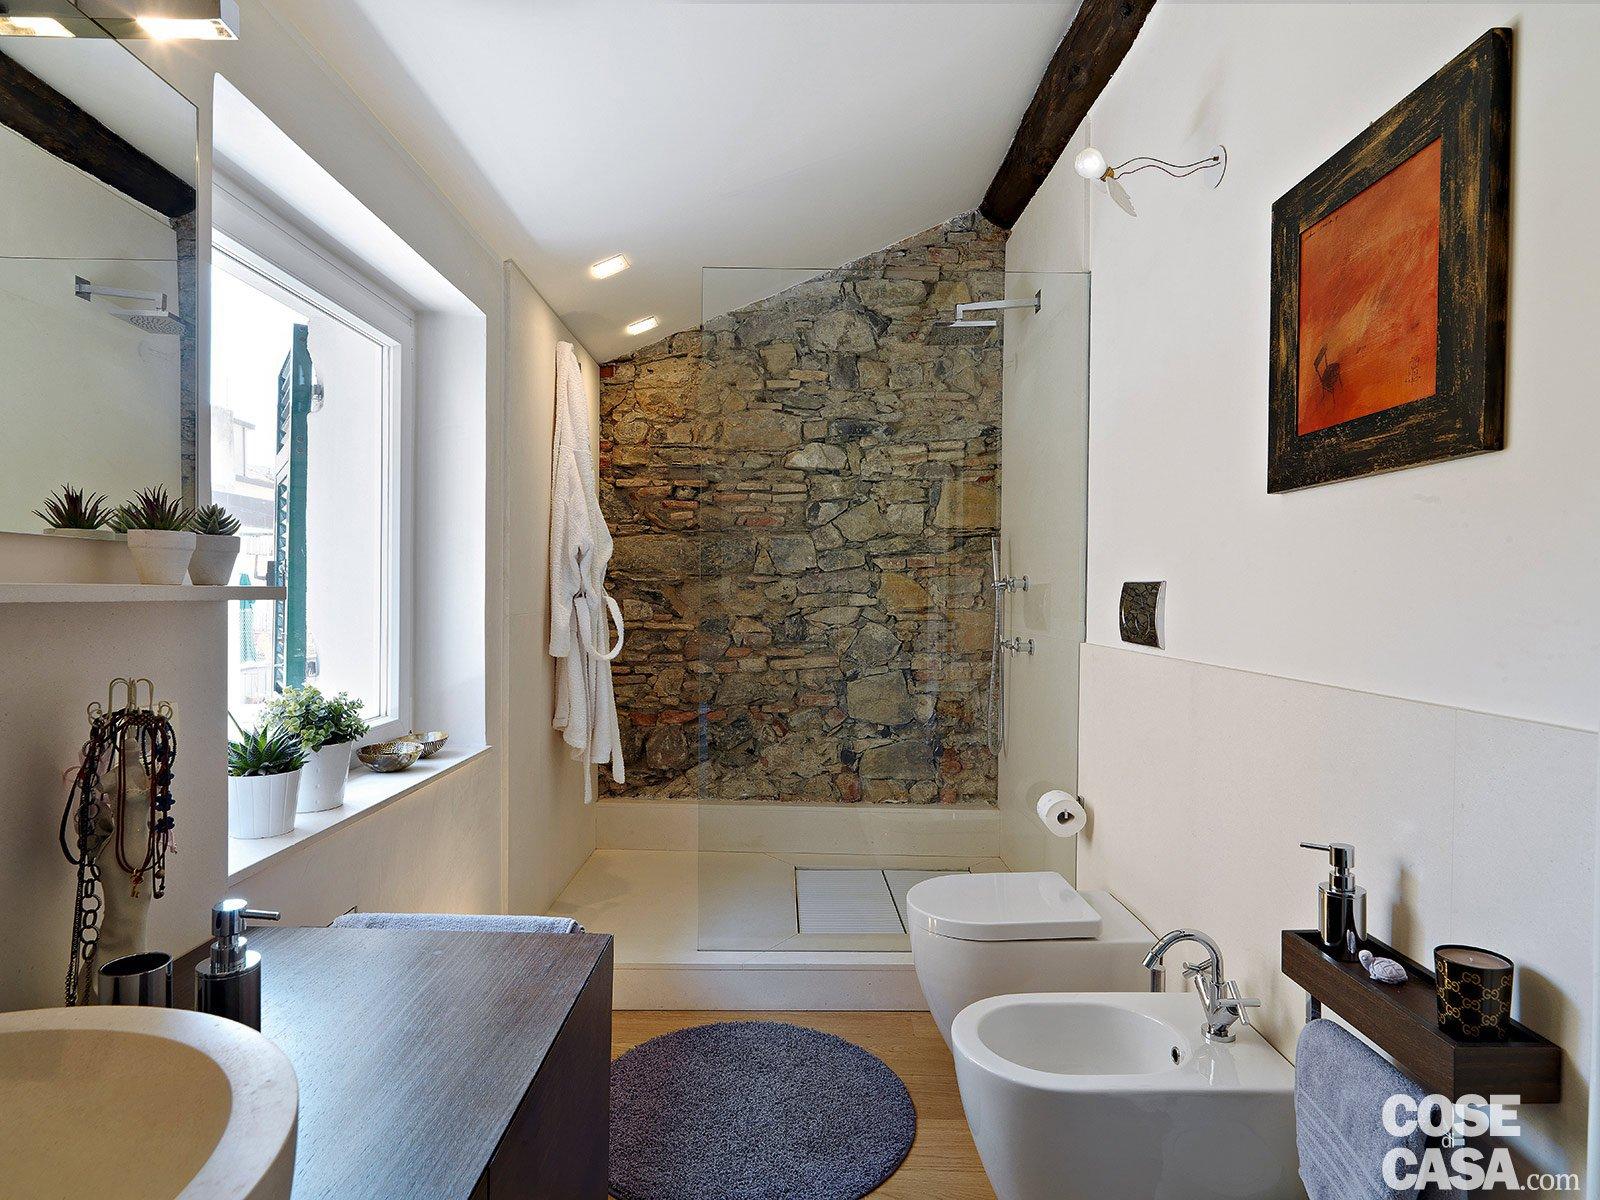 86 mq interni tra passato e presente cose di casa for Casa interni moderni